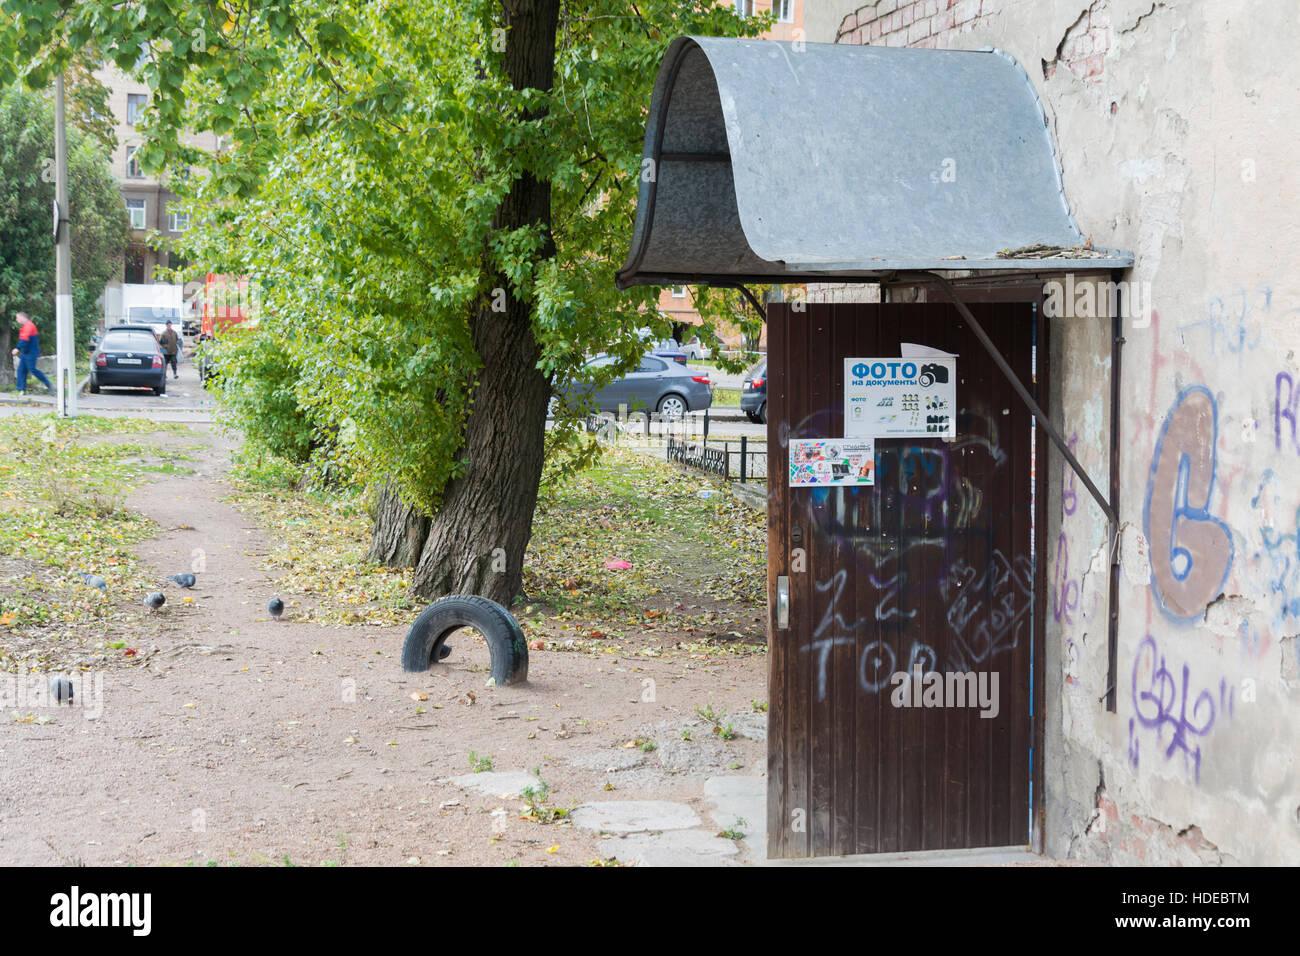 Passport Photo Studio Door - Stock Image